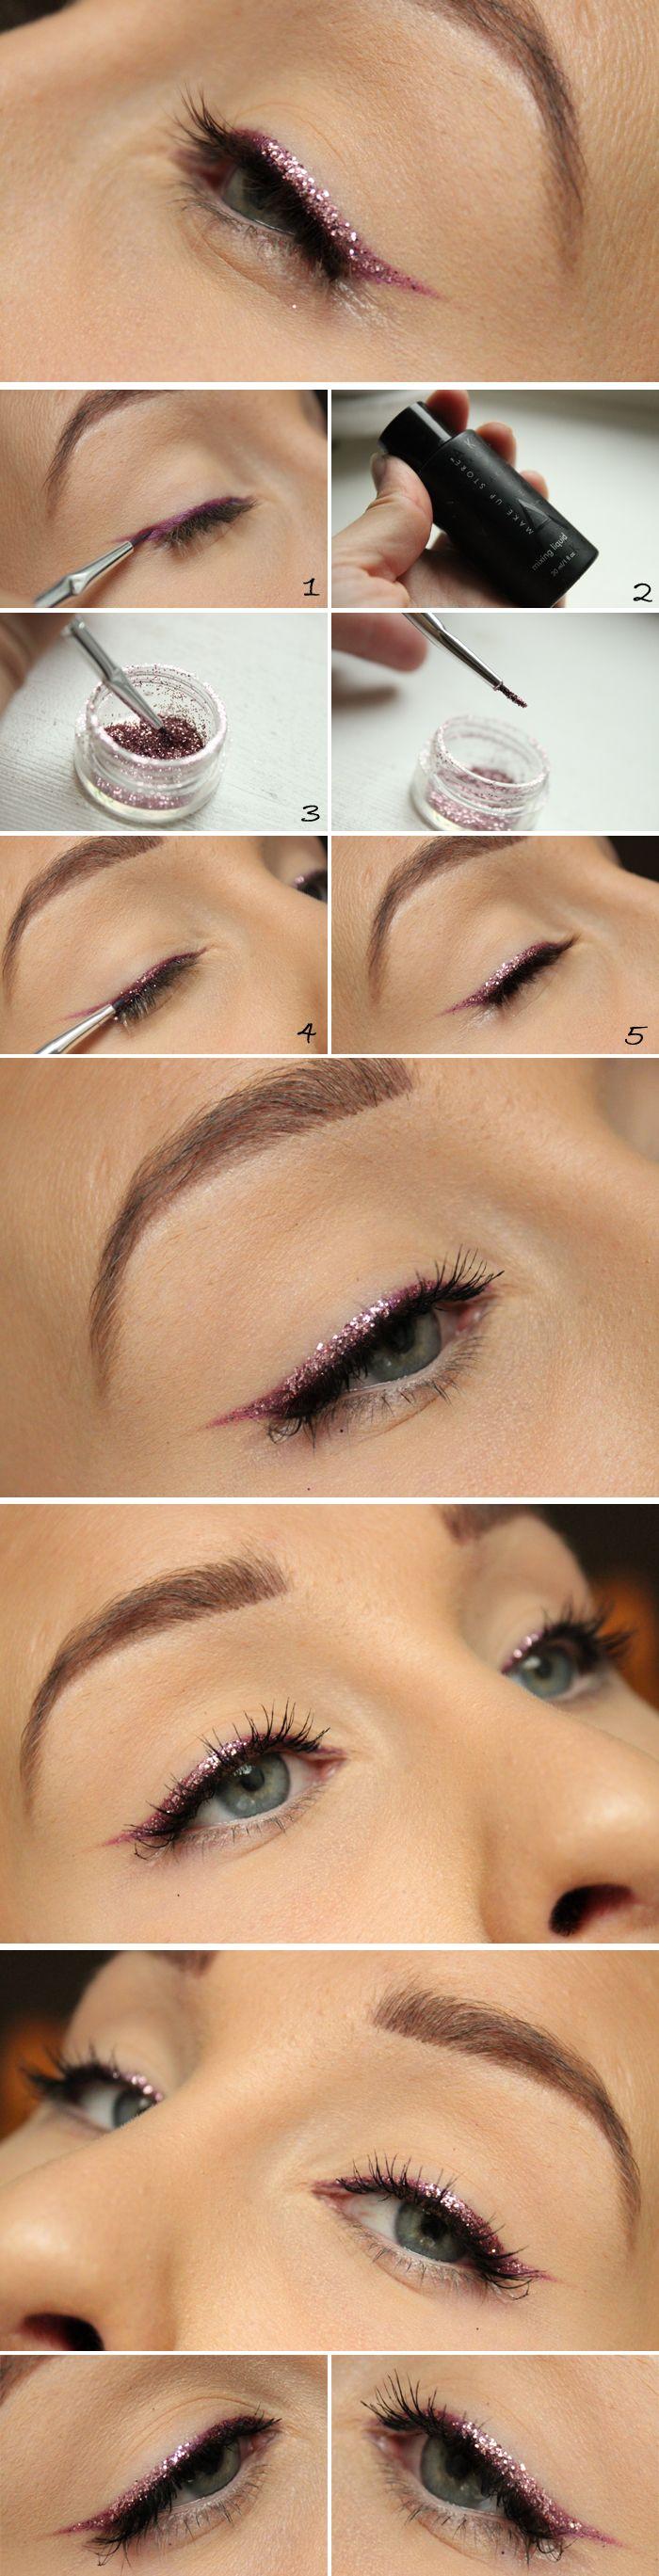 Dagens makeup – Rosa Bandet (+tutorial) | Helen Torsgården - Hiilens sminkblogg